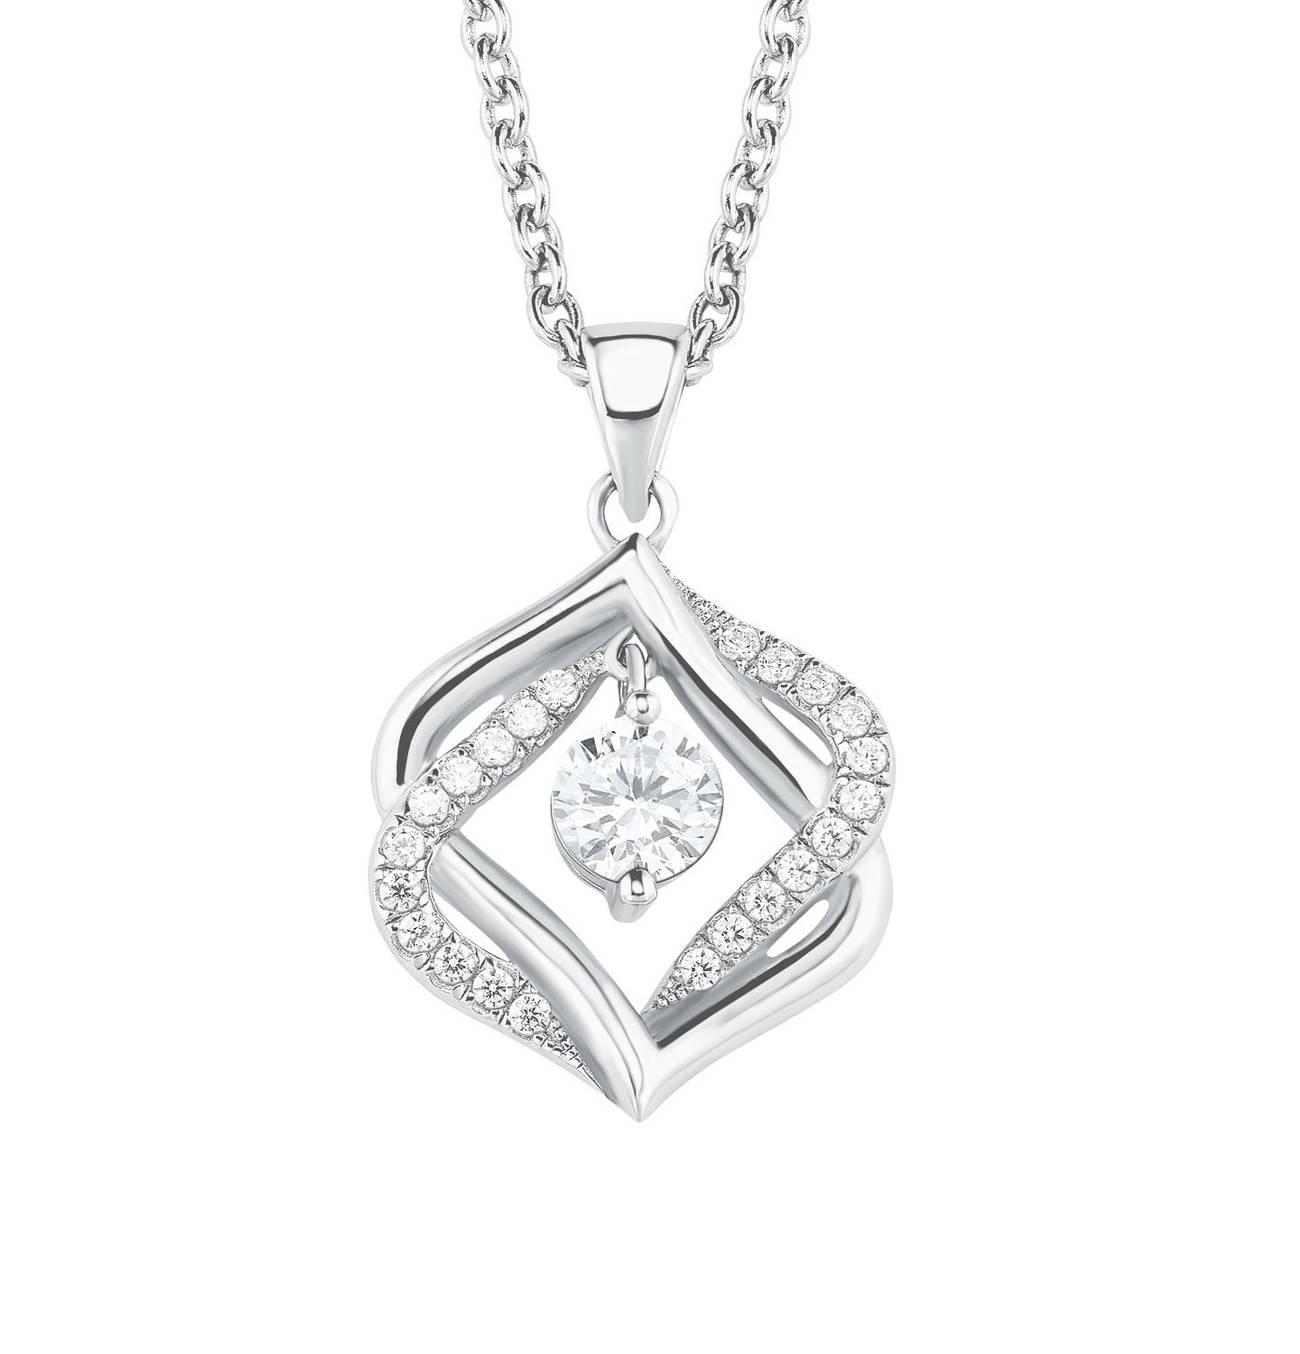 Damen Halskette mit Zirkonia rhodiniert, Sterling Silber 925